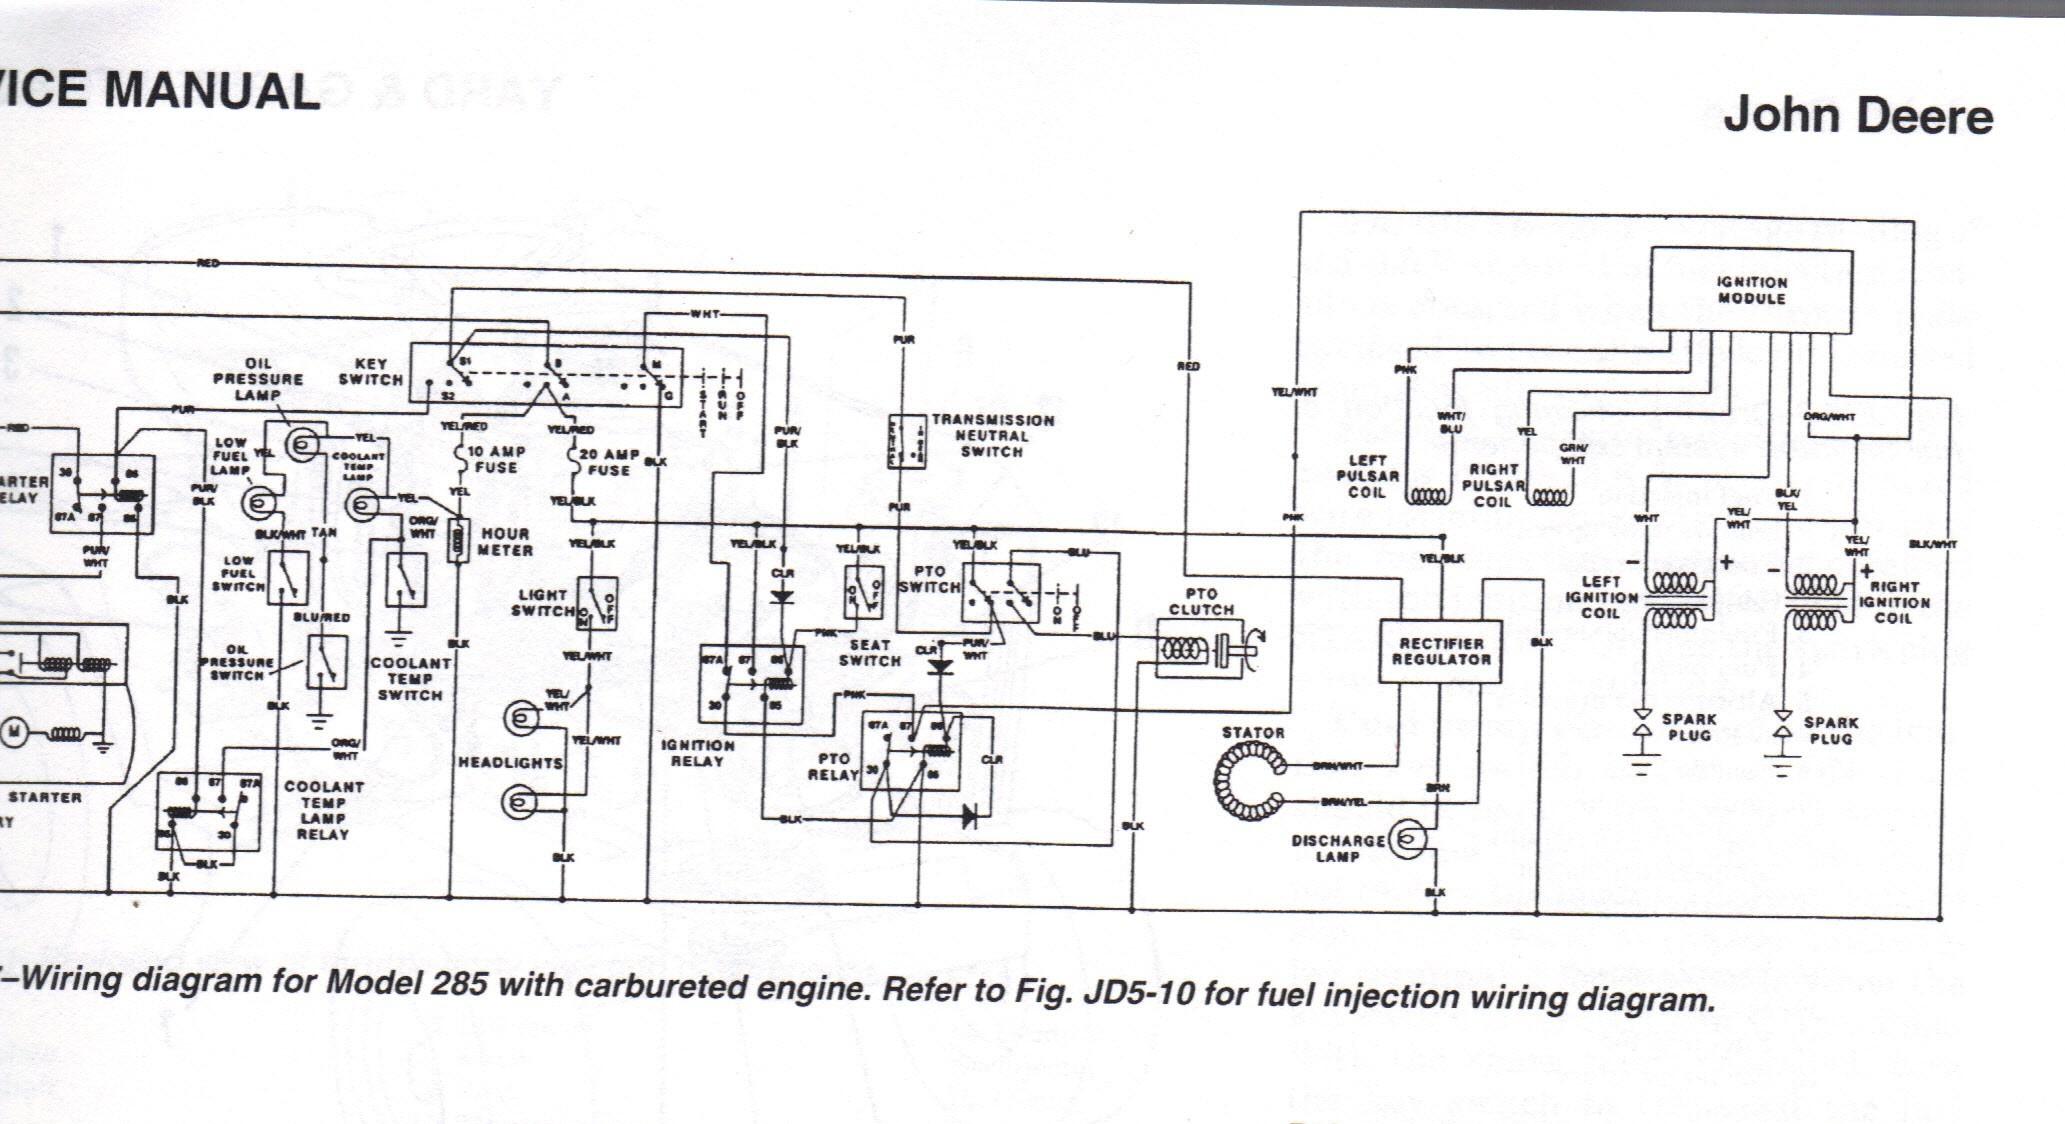 gt262 wiring diagram wiring diagram read  john deere gt262 wiring diagram #13